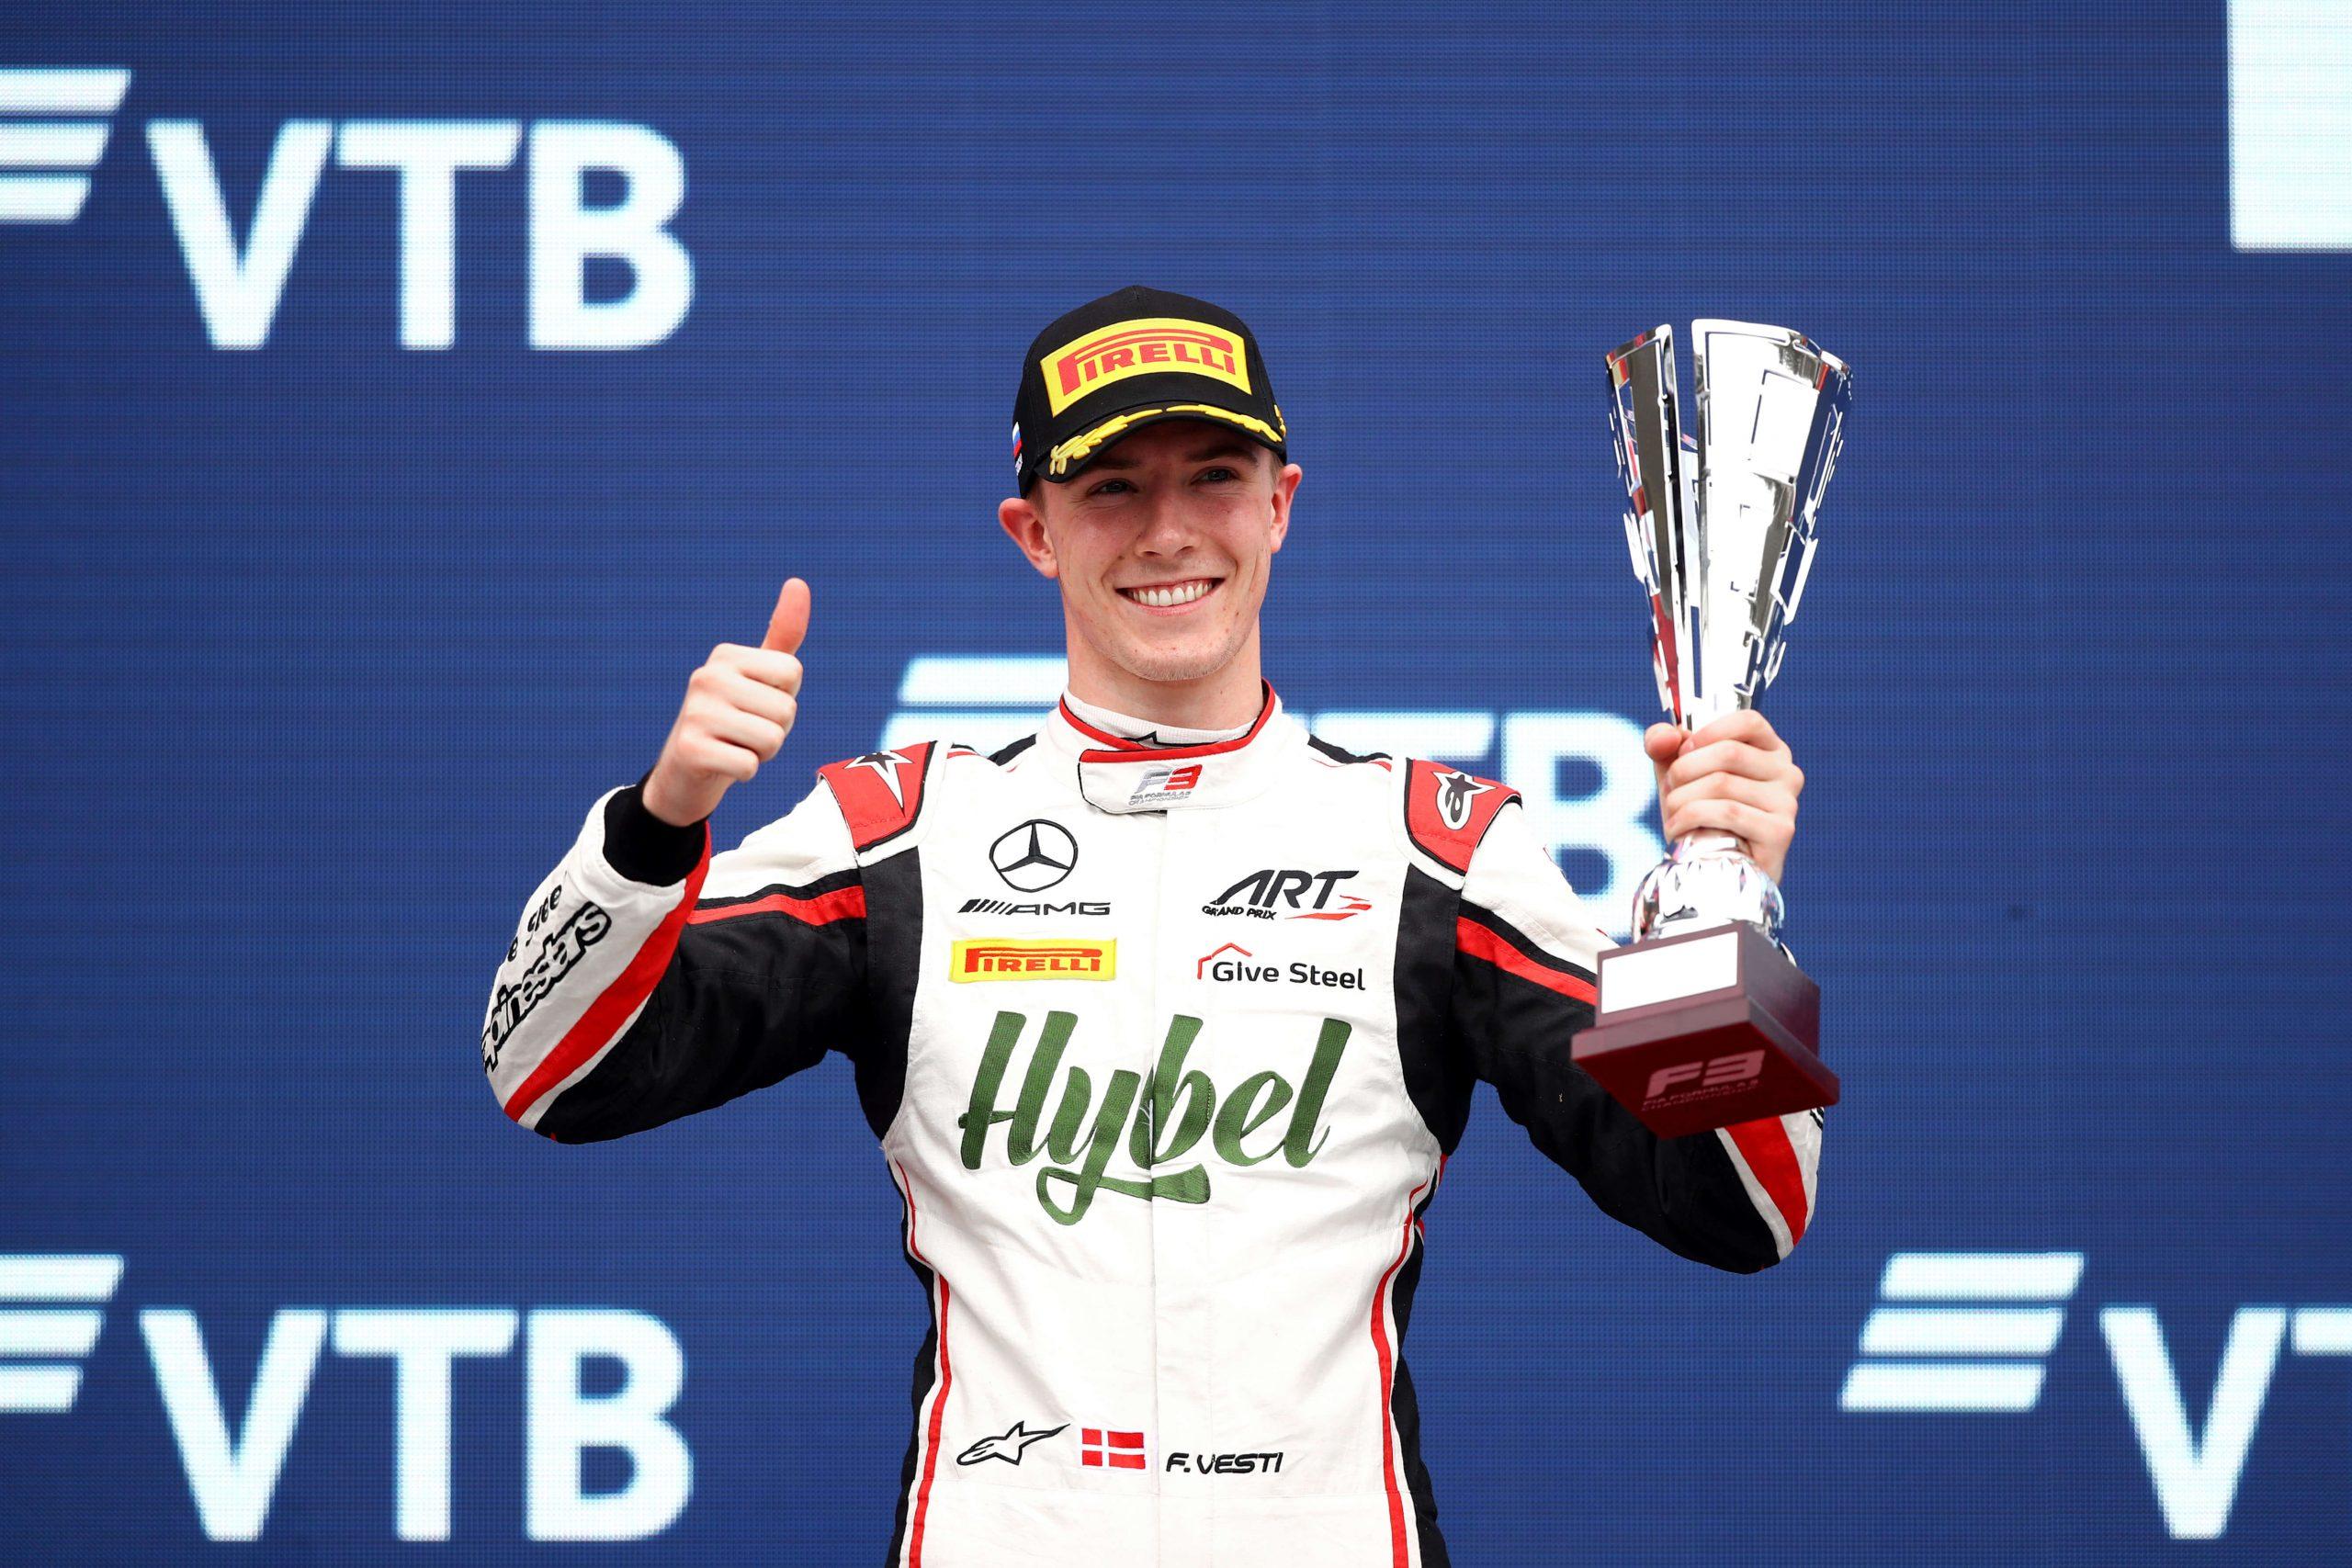 La saison 2021 de la F3 est terminée, Vesti termine deuxième dans la dernière course